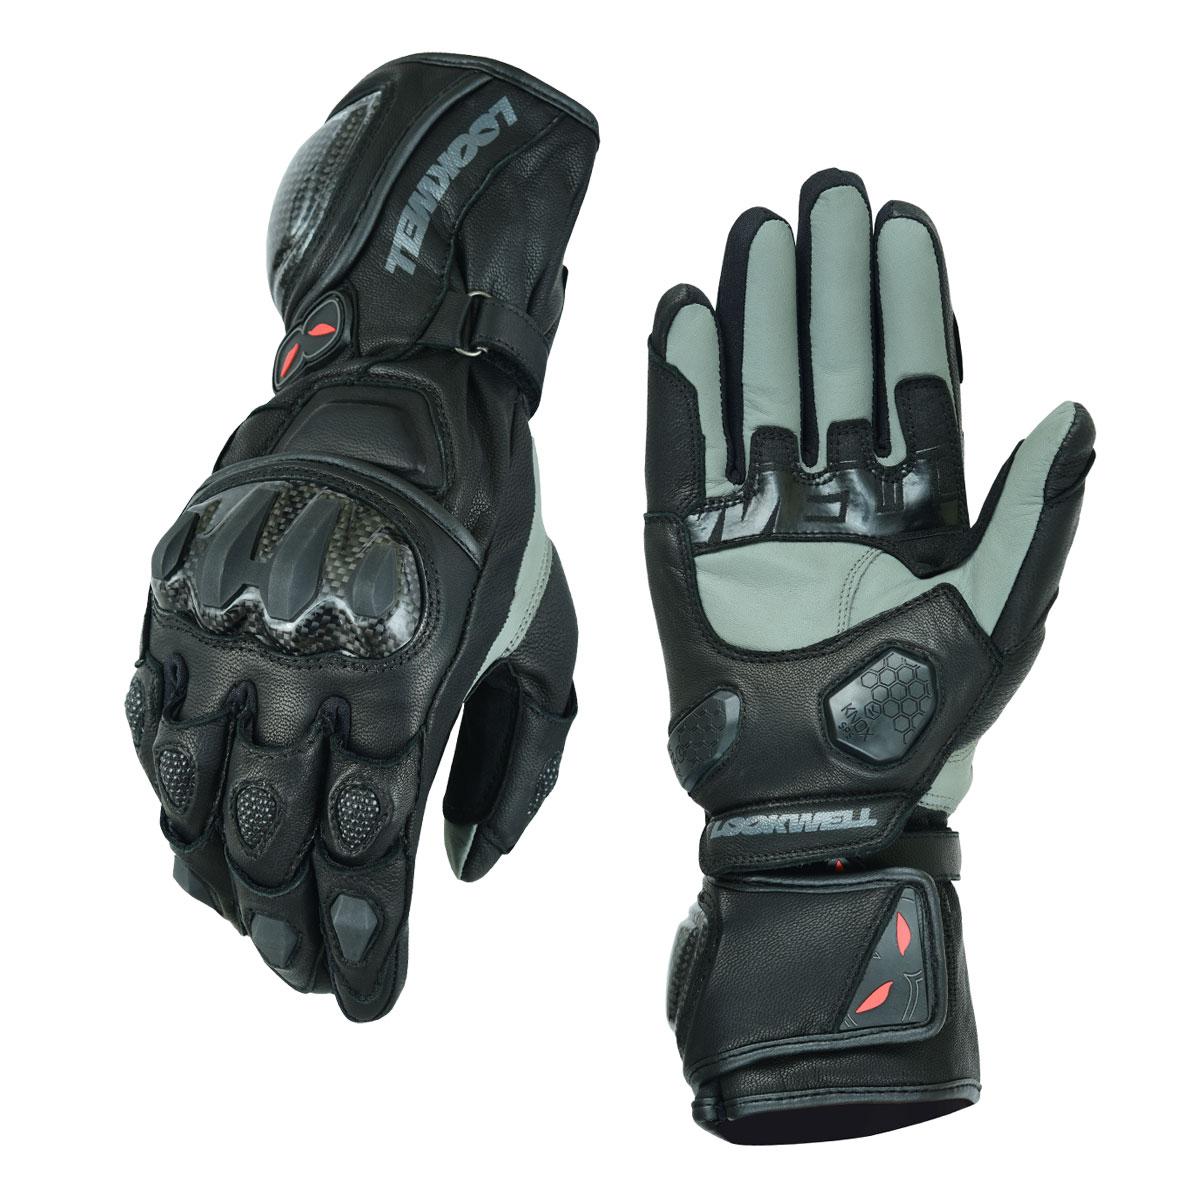 spider-glove-duo